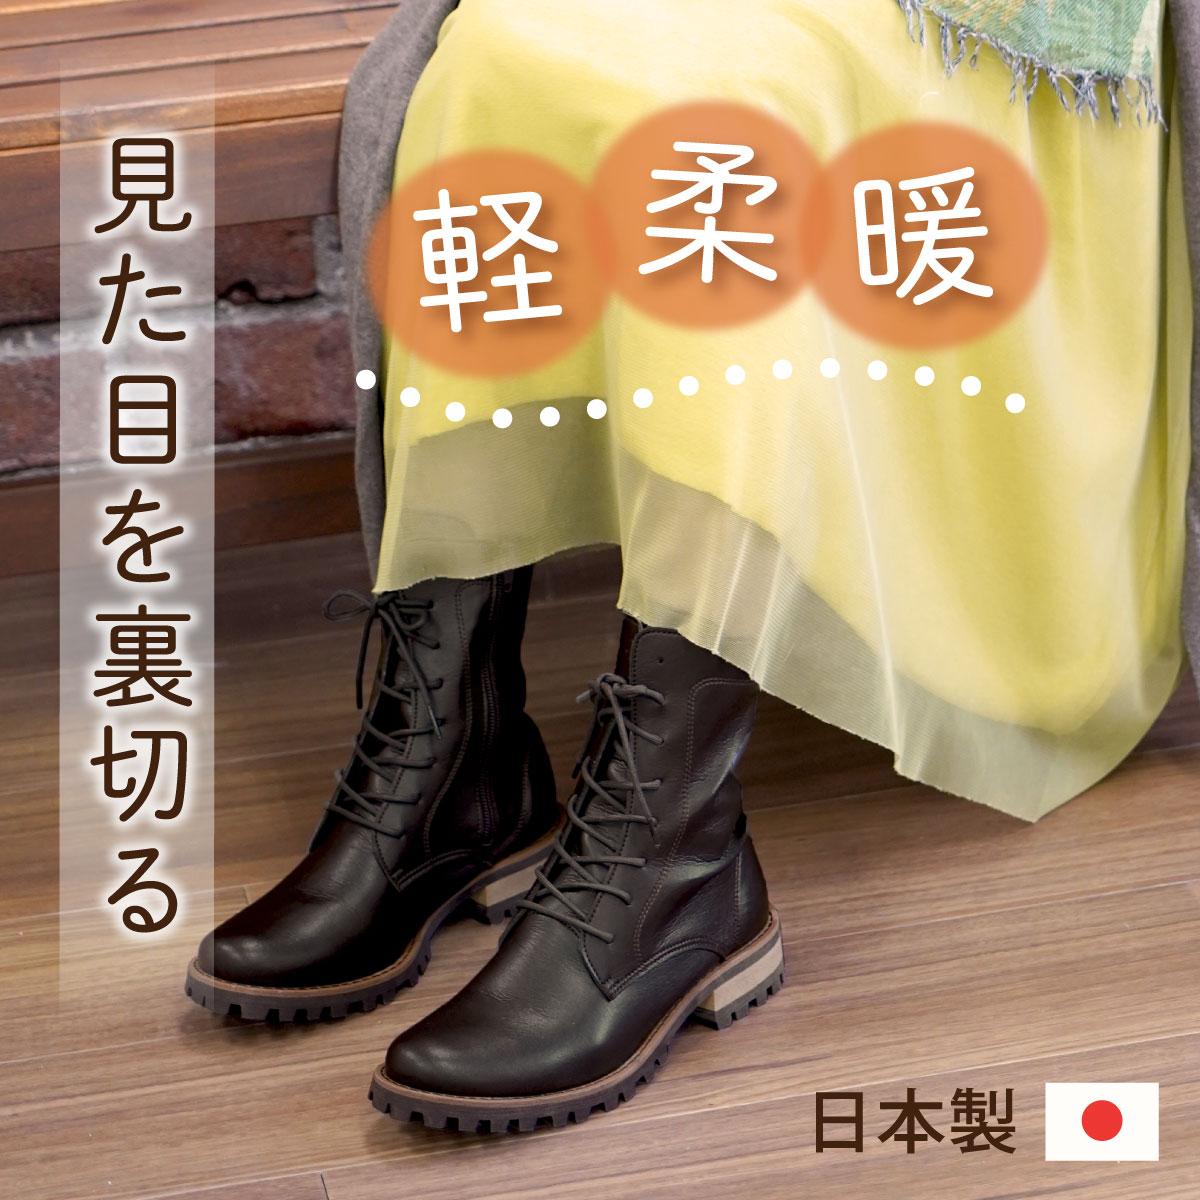 レースアップブーツ 編み上げブーツ ワークブーツ ミドル丈 新作製品、世界最高品質人気! タンク底 ミリタリー レディース 婦人靴 日本製 やさしい靴工房 2020 and ベル TCSF プレーンタイプ Belle Sofa B1330